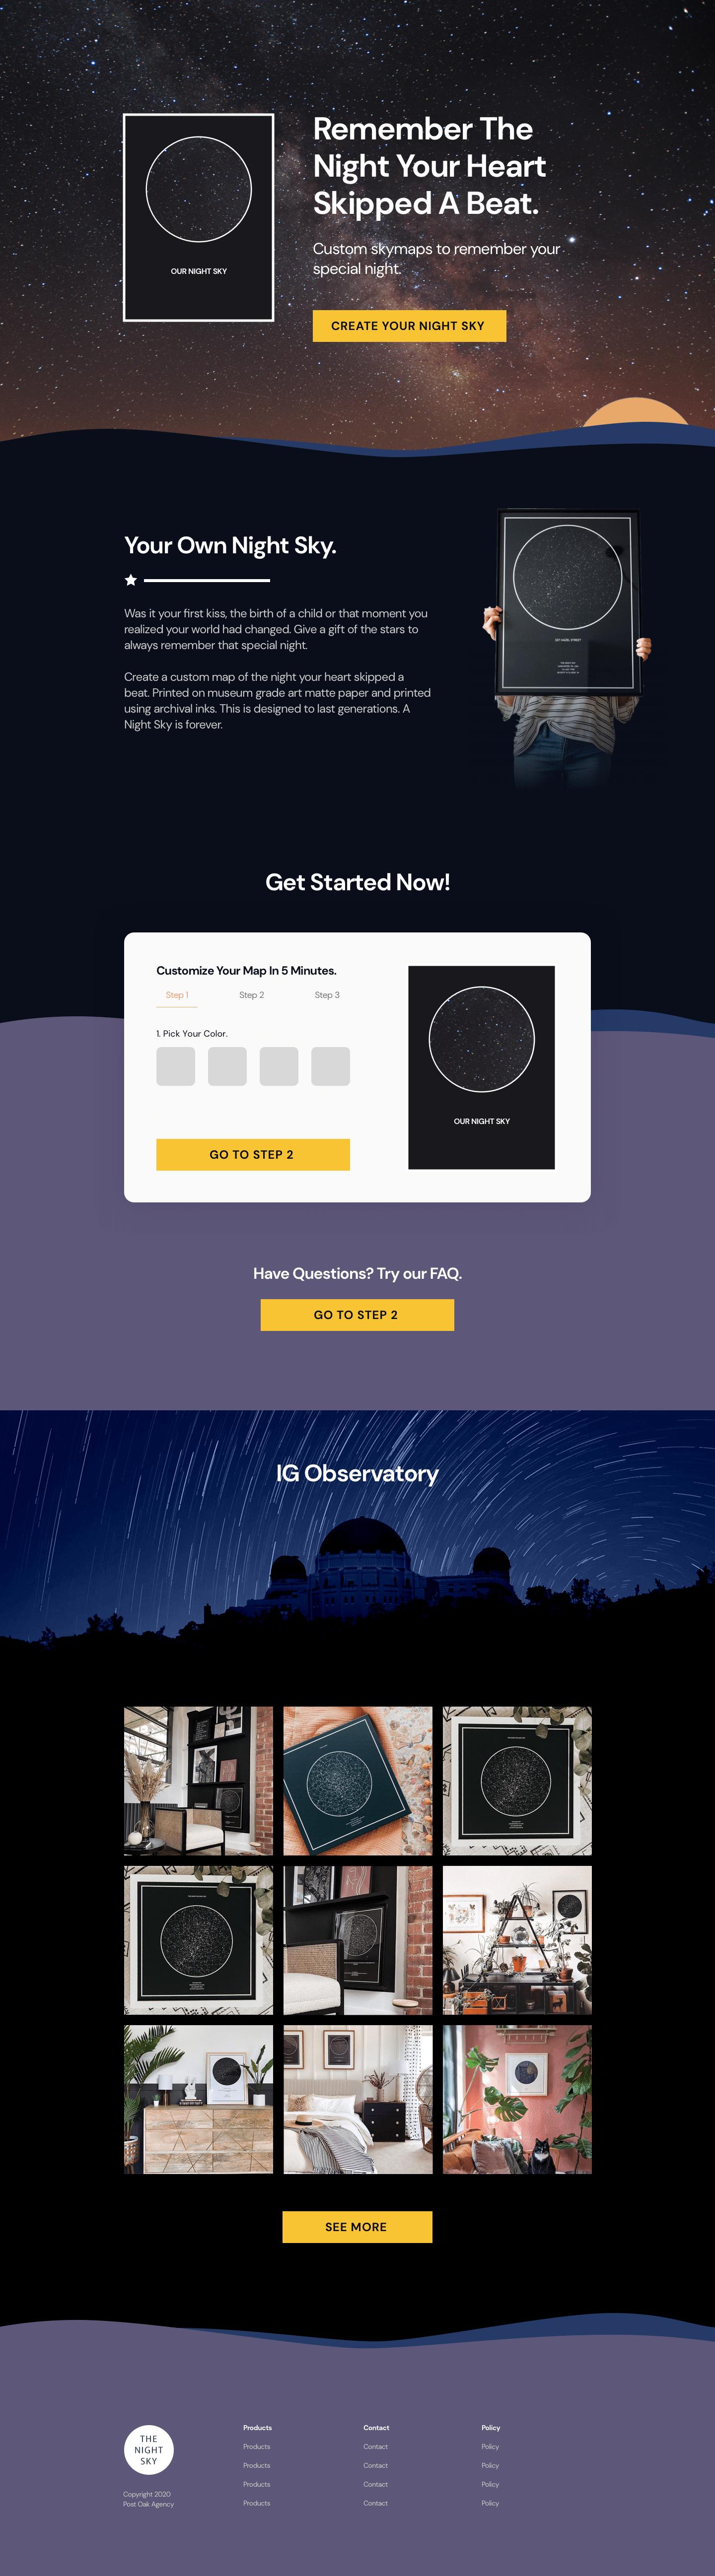 TheNightSky.com Redesign Concept